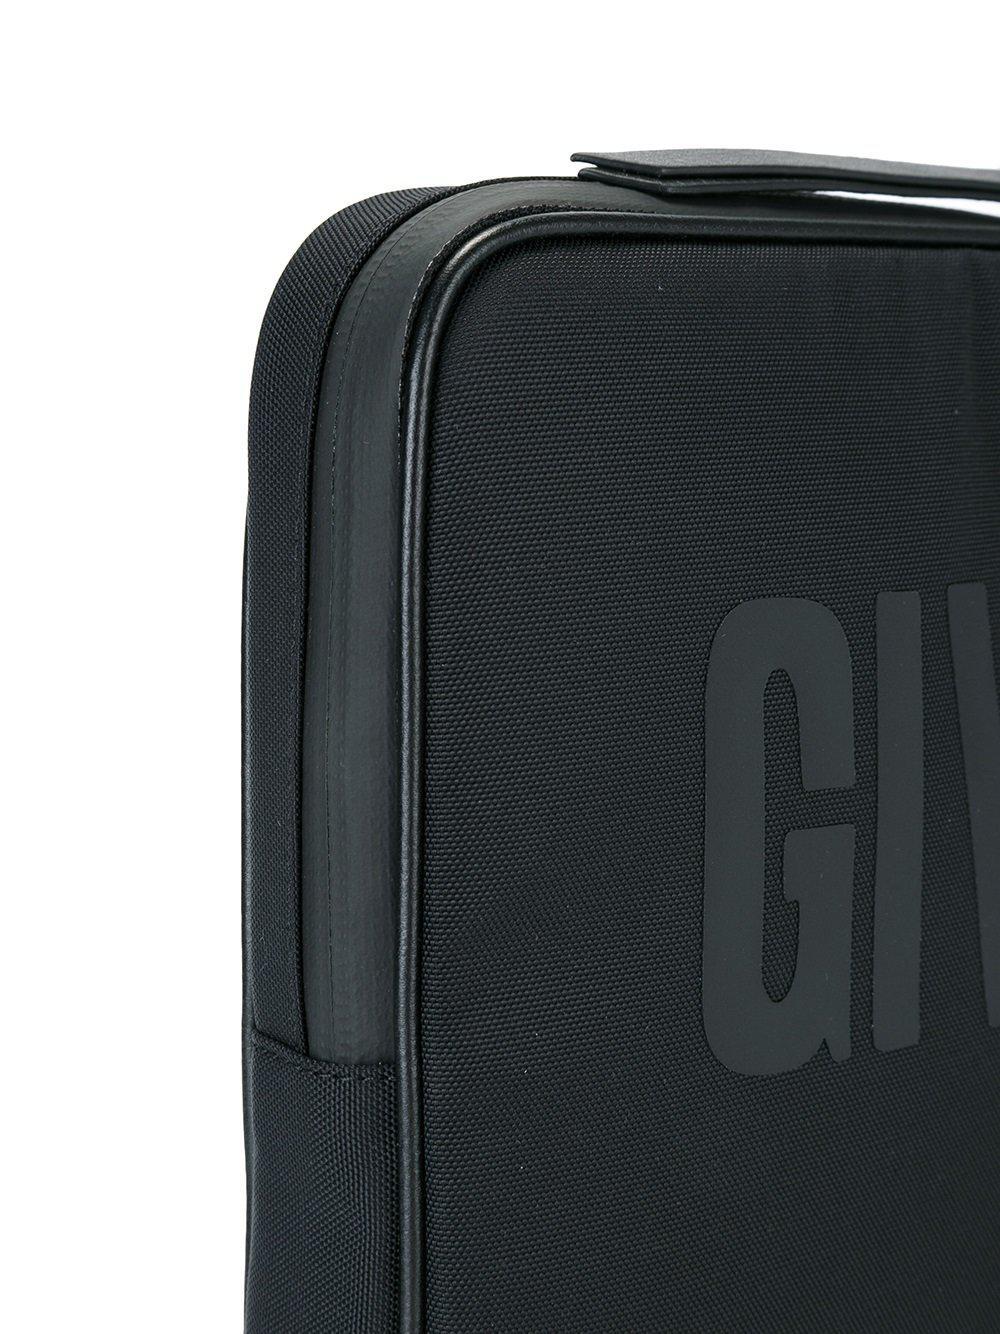 Logo Givenchy Documents Homme Noir Porte En À Coloris Pour Lyst xqRtac